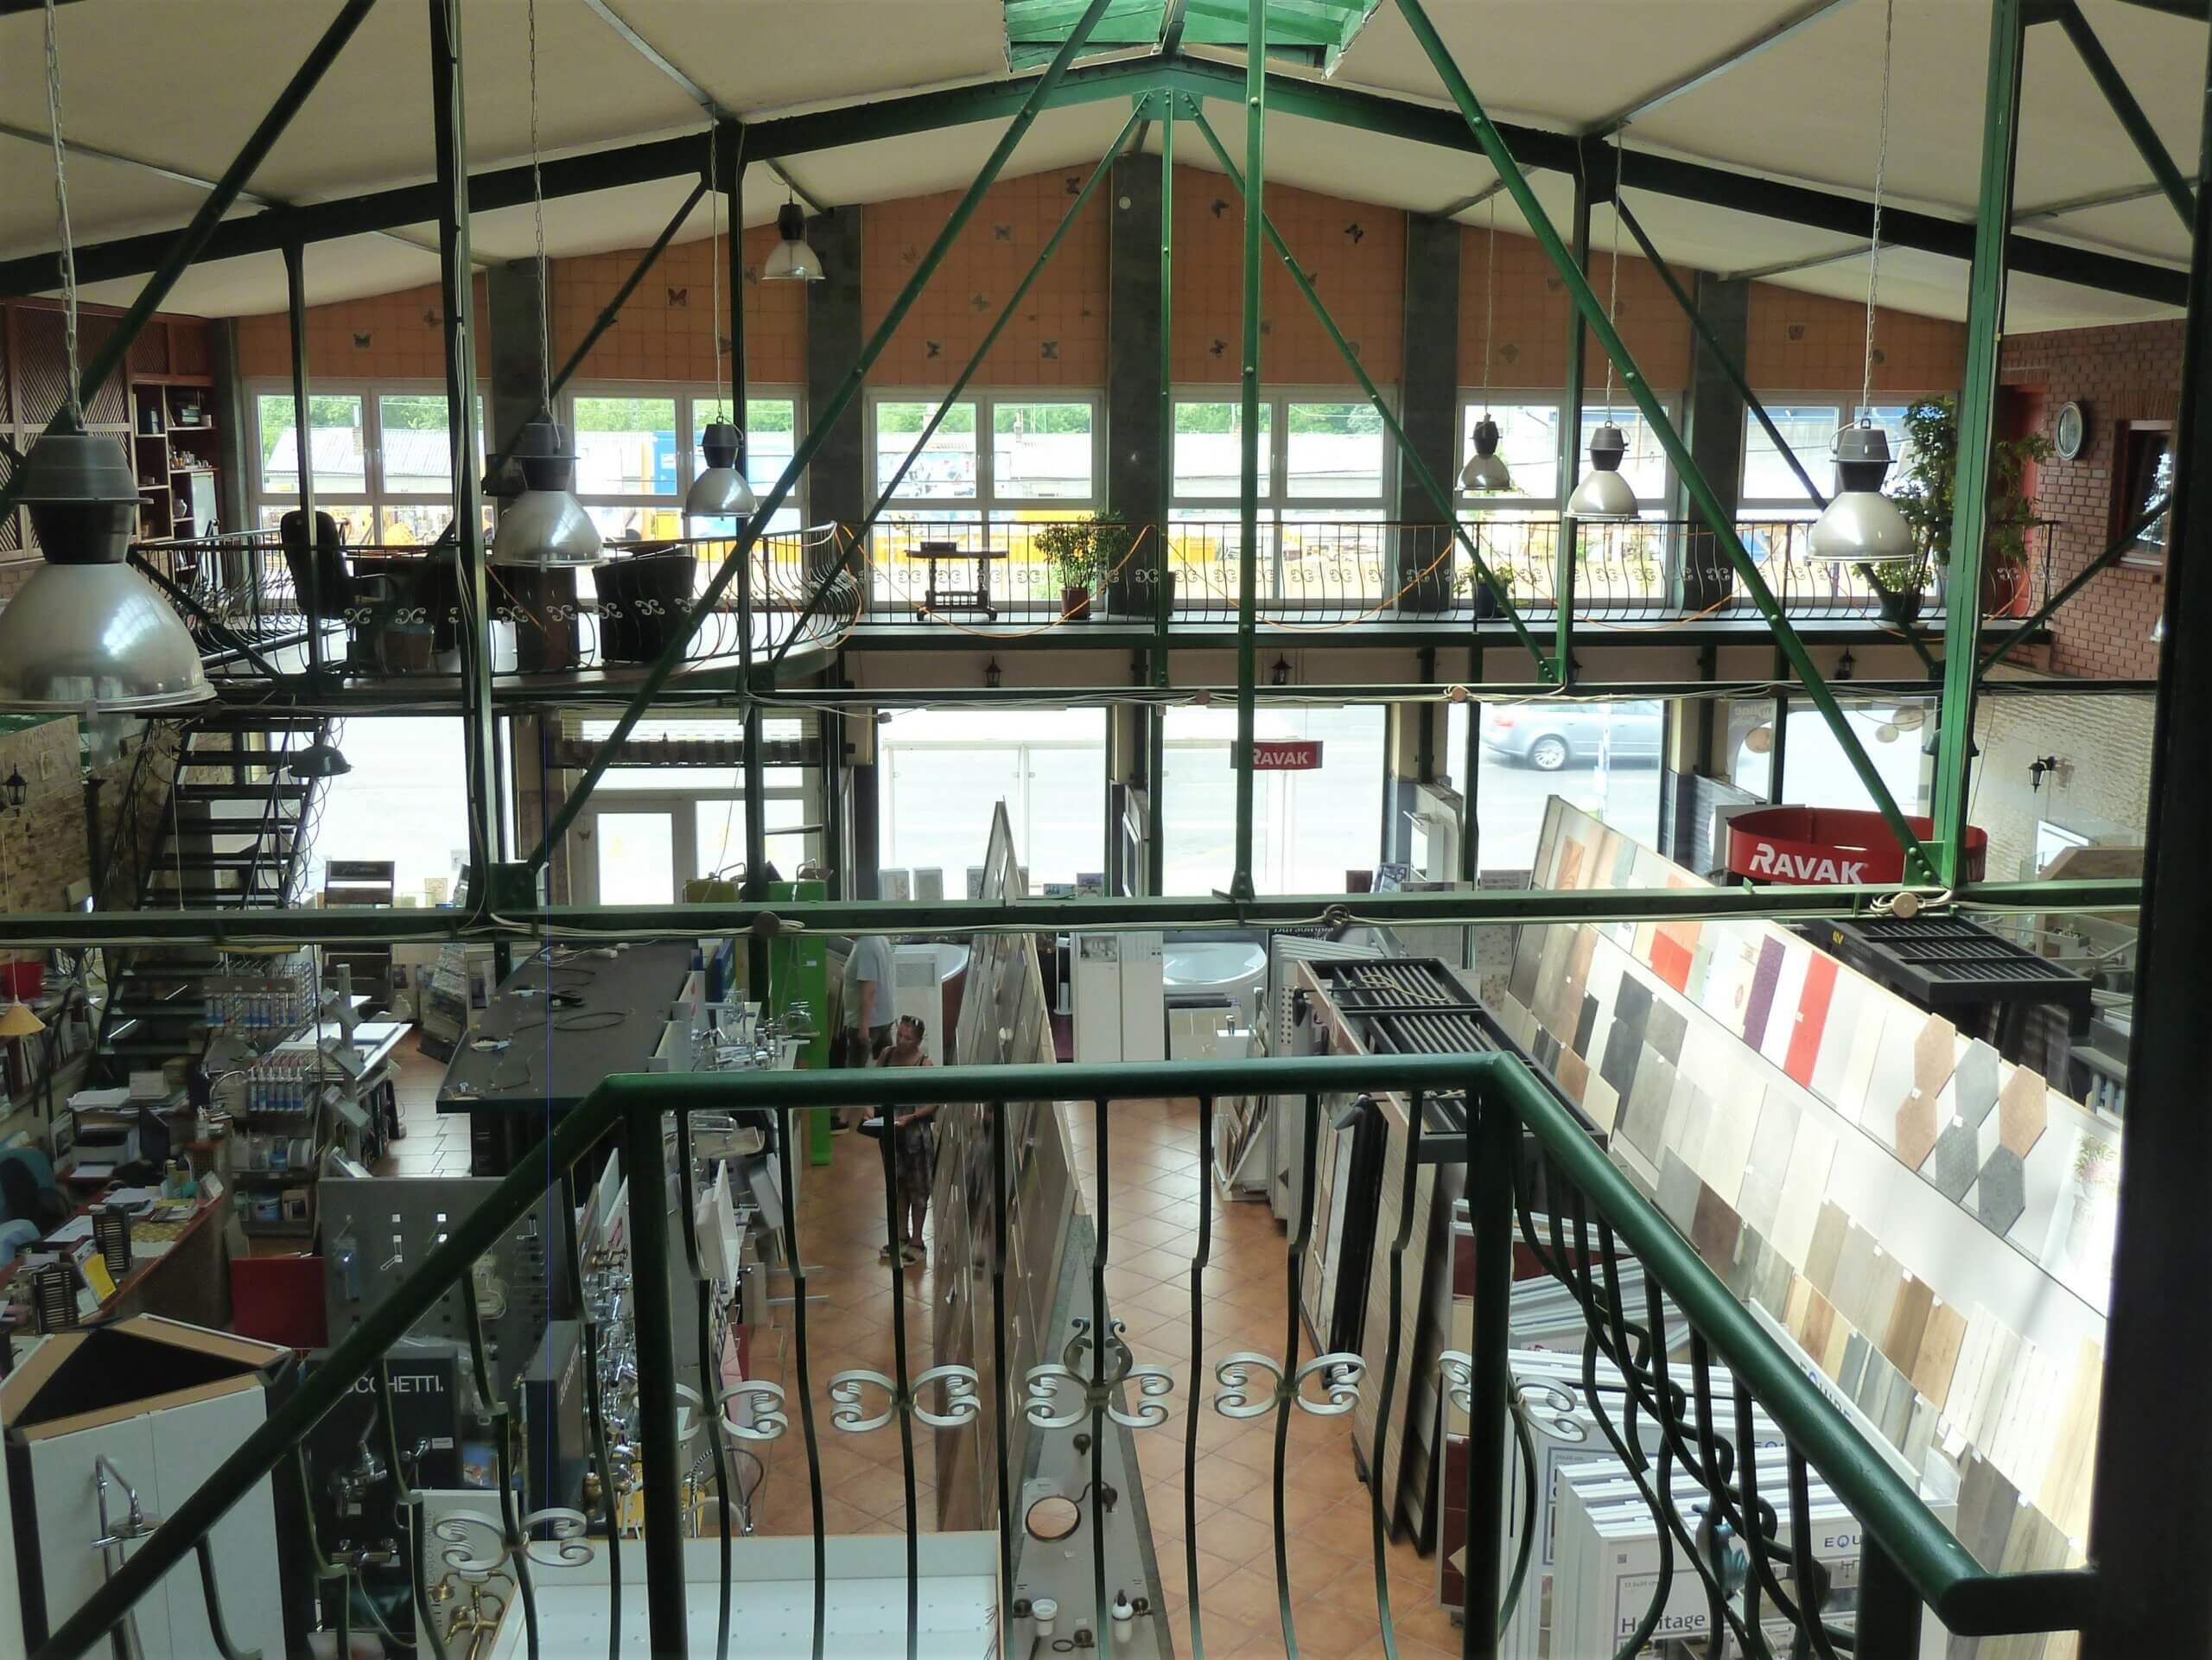 Hatalmas raktárépület Ferencváros egyik legforgalmasabb területén